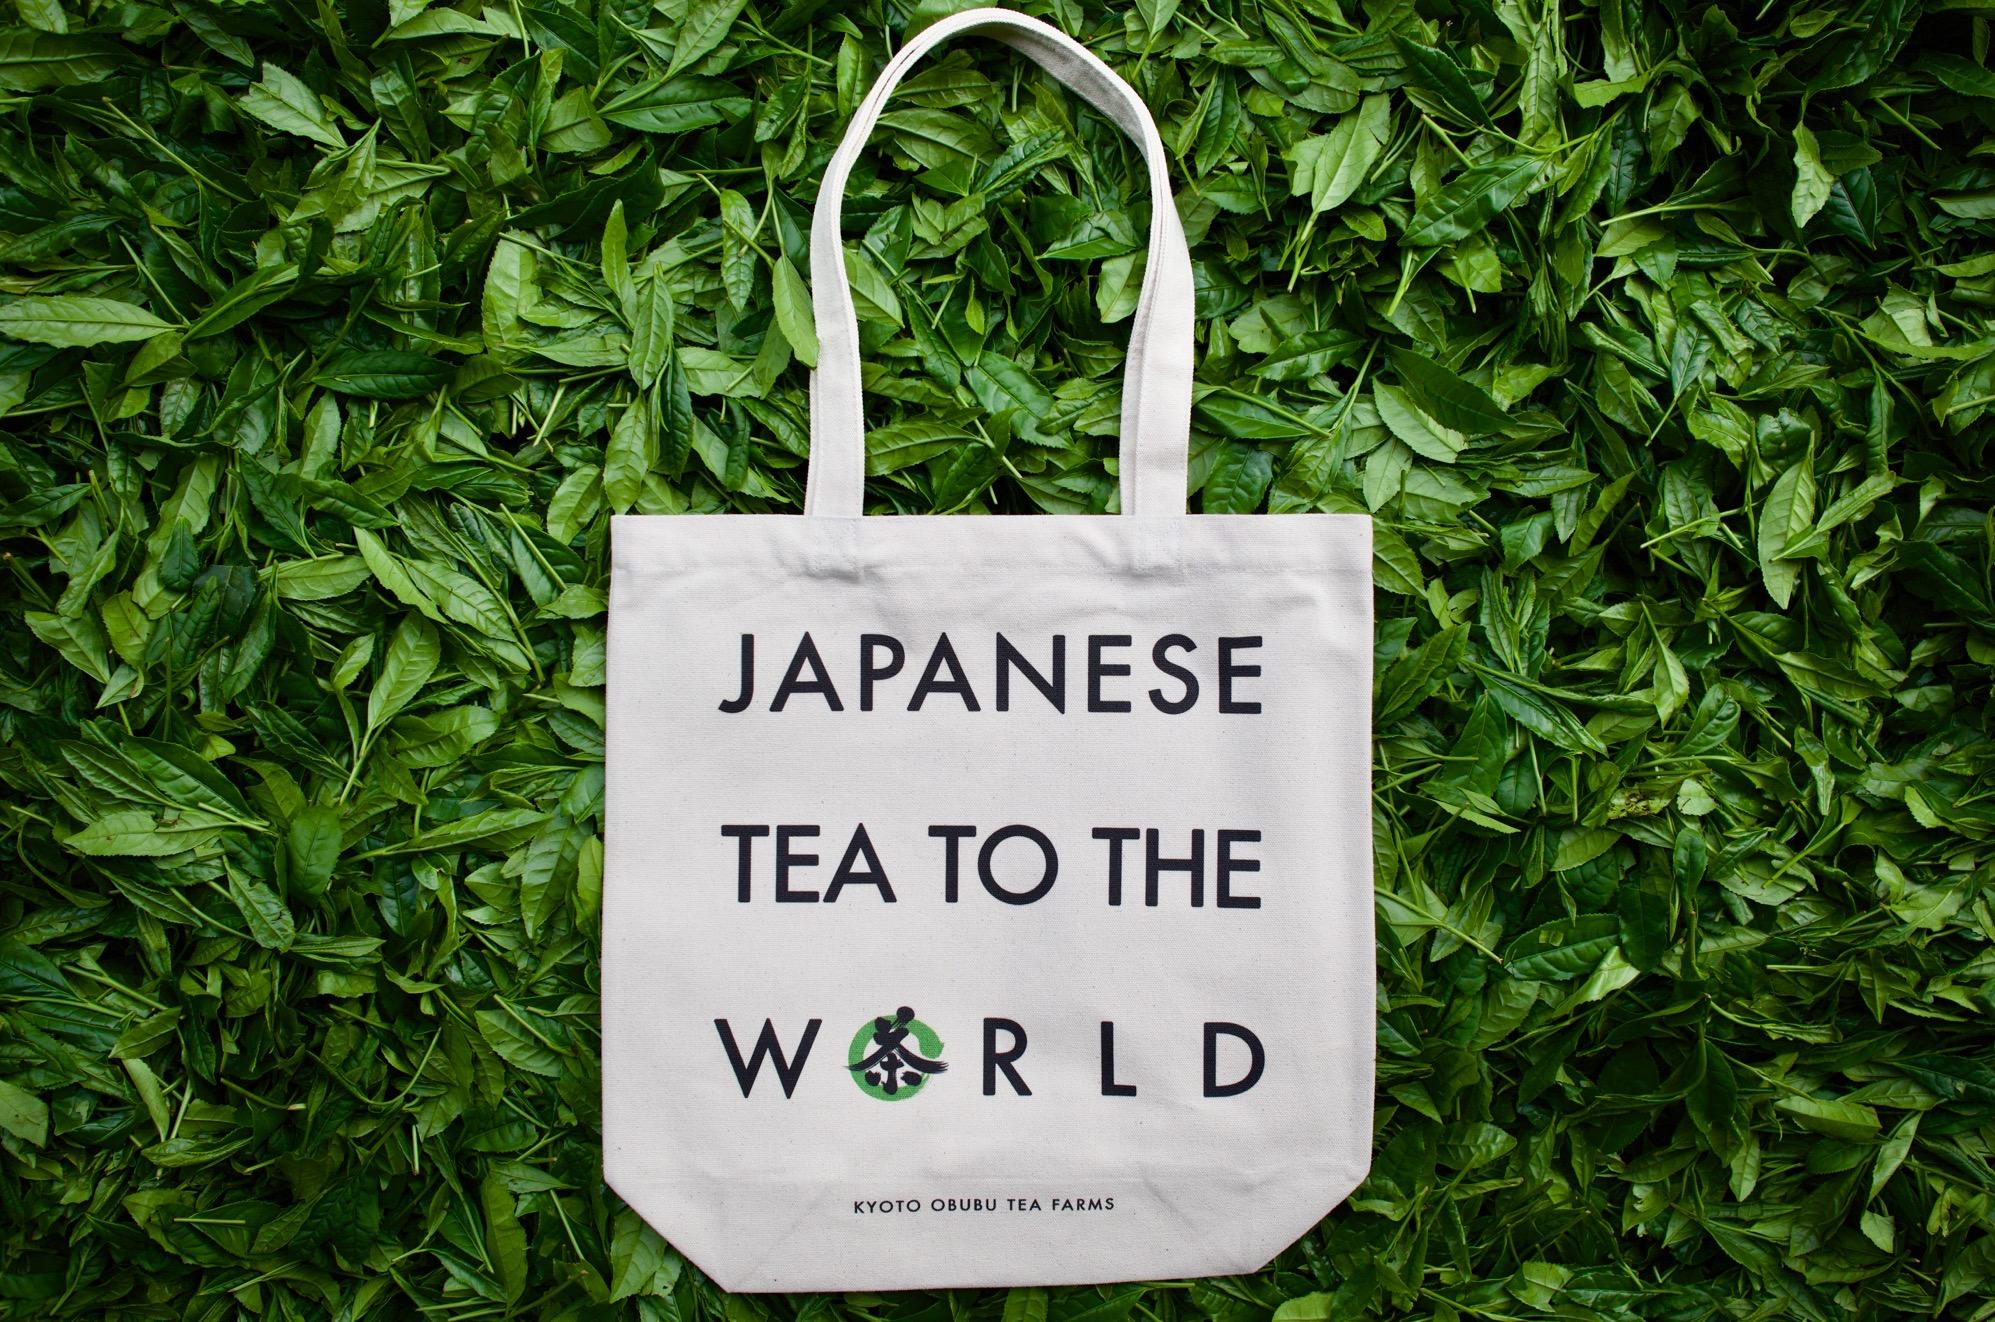 おぶぶオリジナル トートバック『Japanese Tea to the World』10L